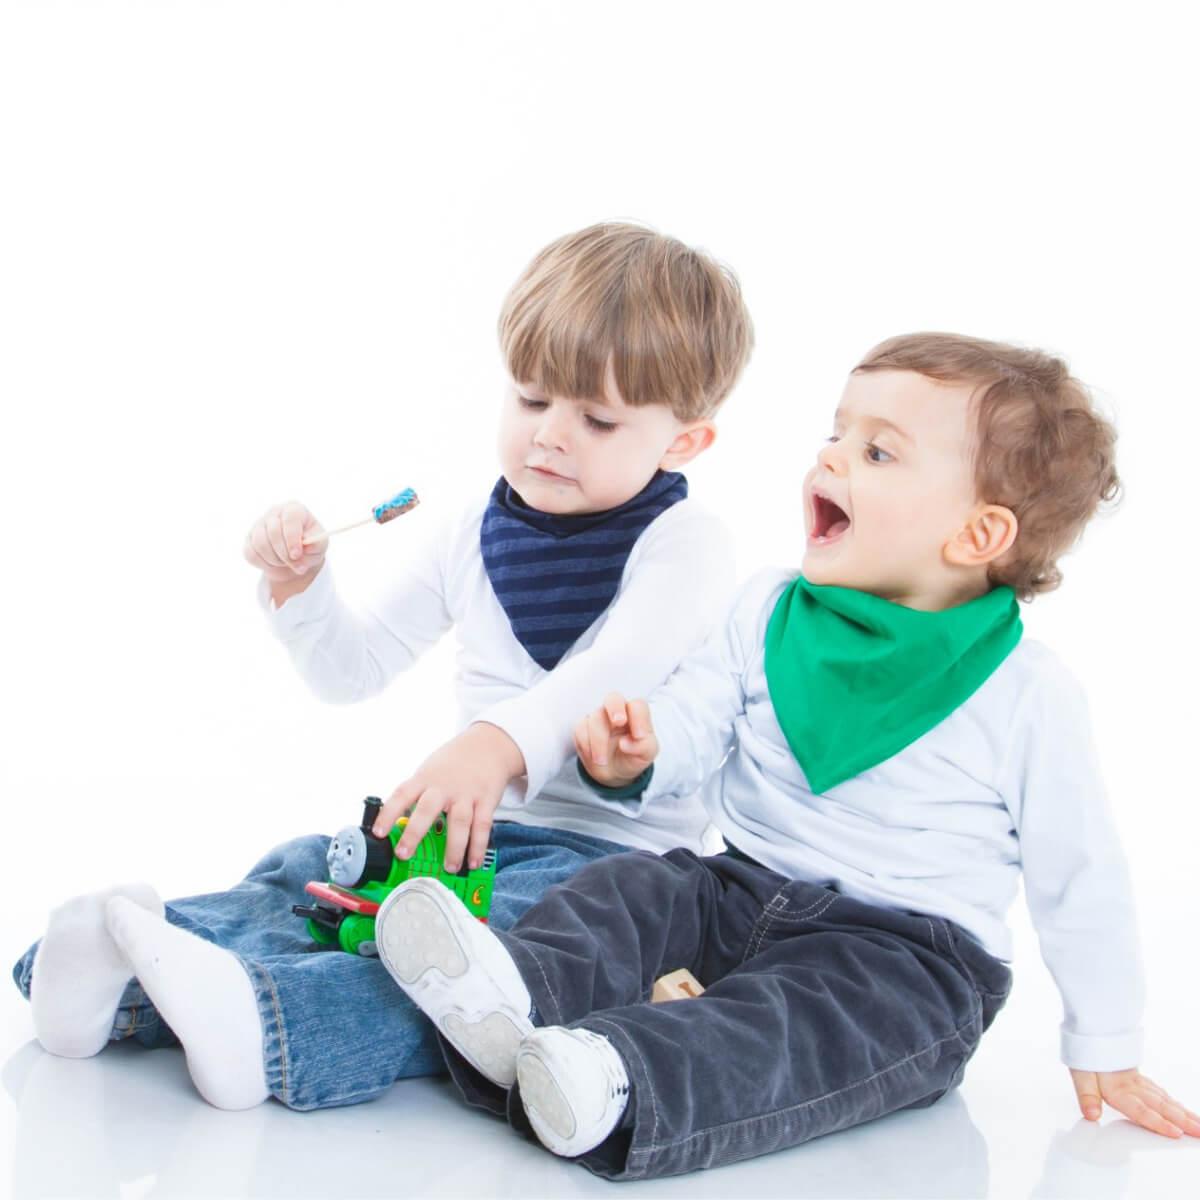 Babador Bandana Gumii Kit 6 Oferta Leve 6 e Pague 5 Bebe Boy